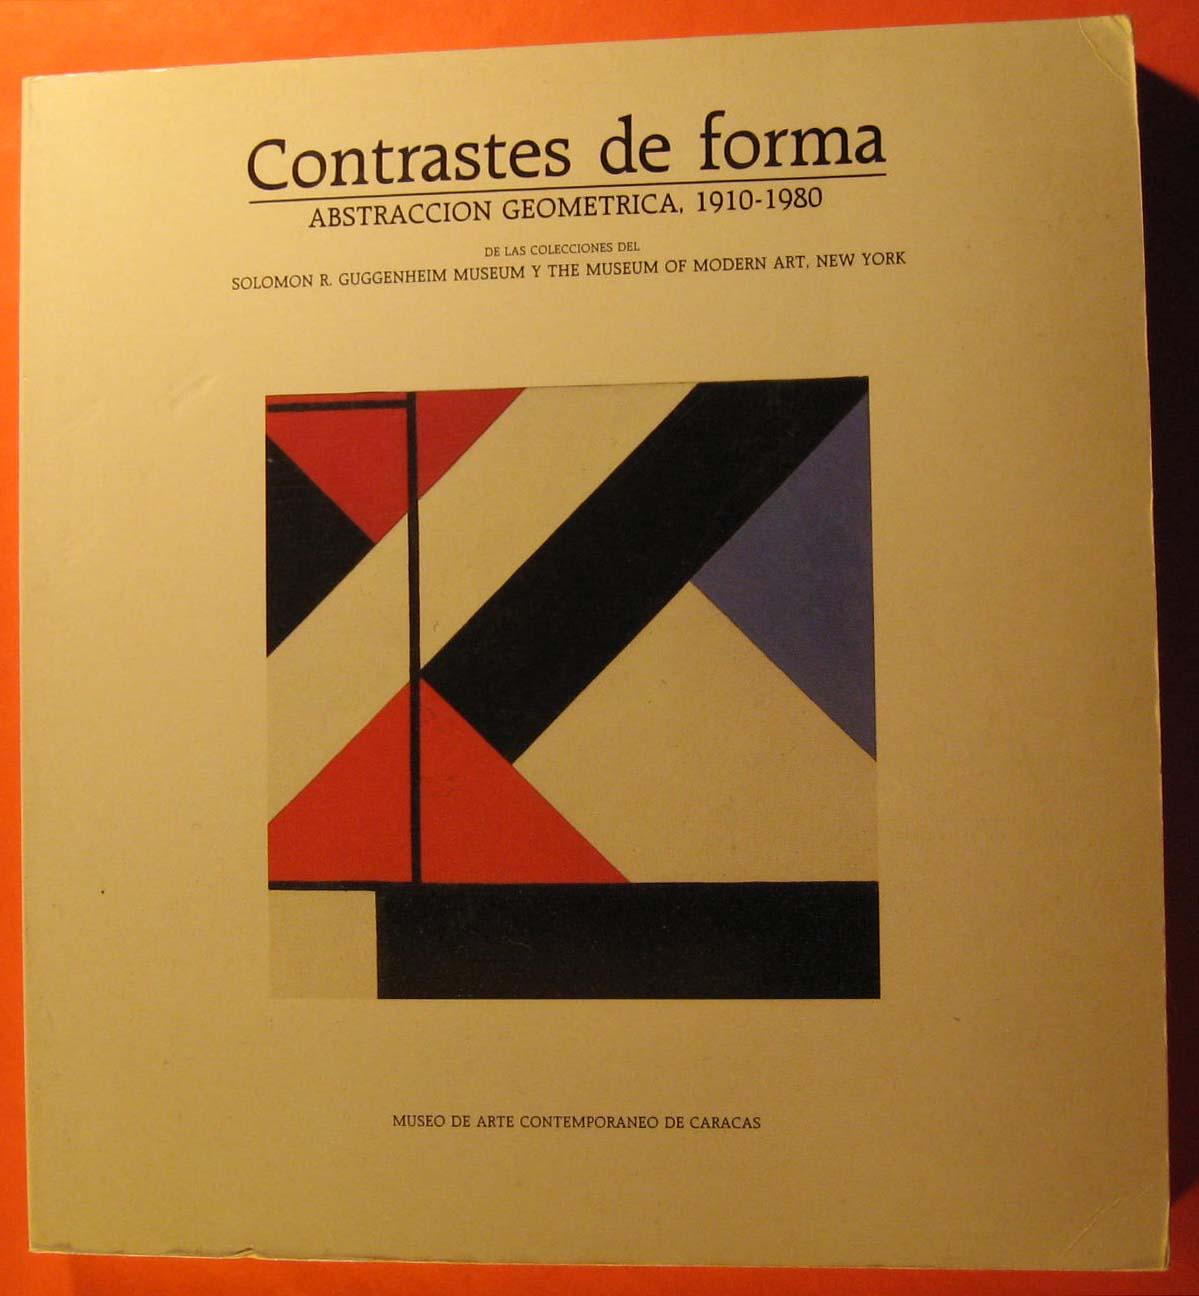 Contrastes de forma. Abstracción geométrica, 1910-1980 de las colecciones del Solomon R. Guggenheim Museum y The Museum of Modern Art of New York, Dabrowski, Magdalena (curator)